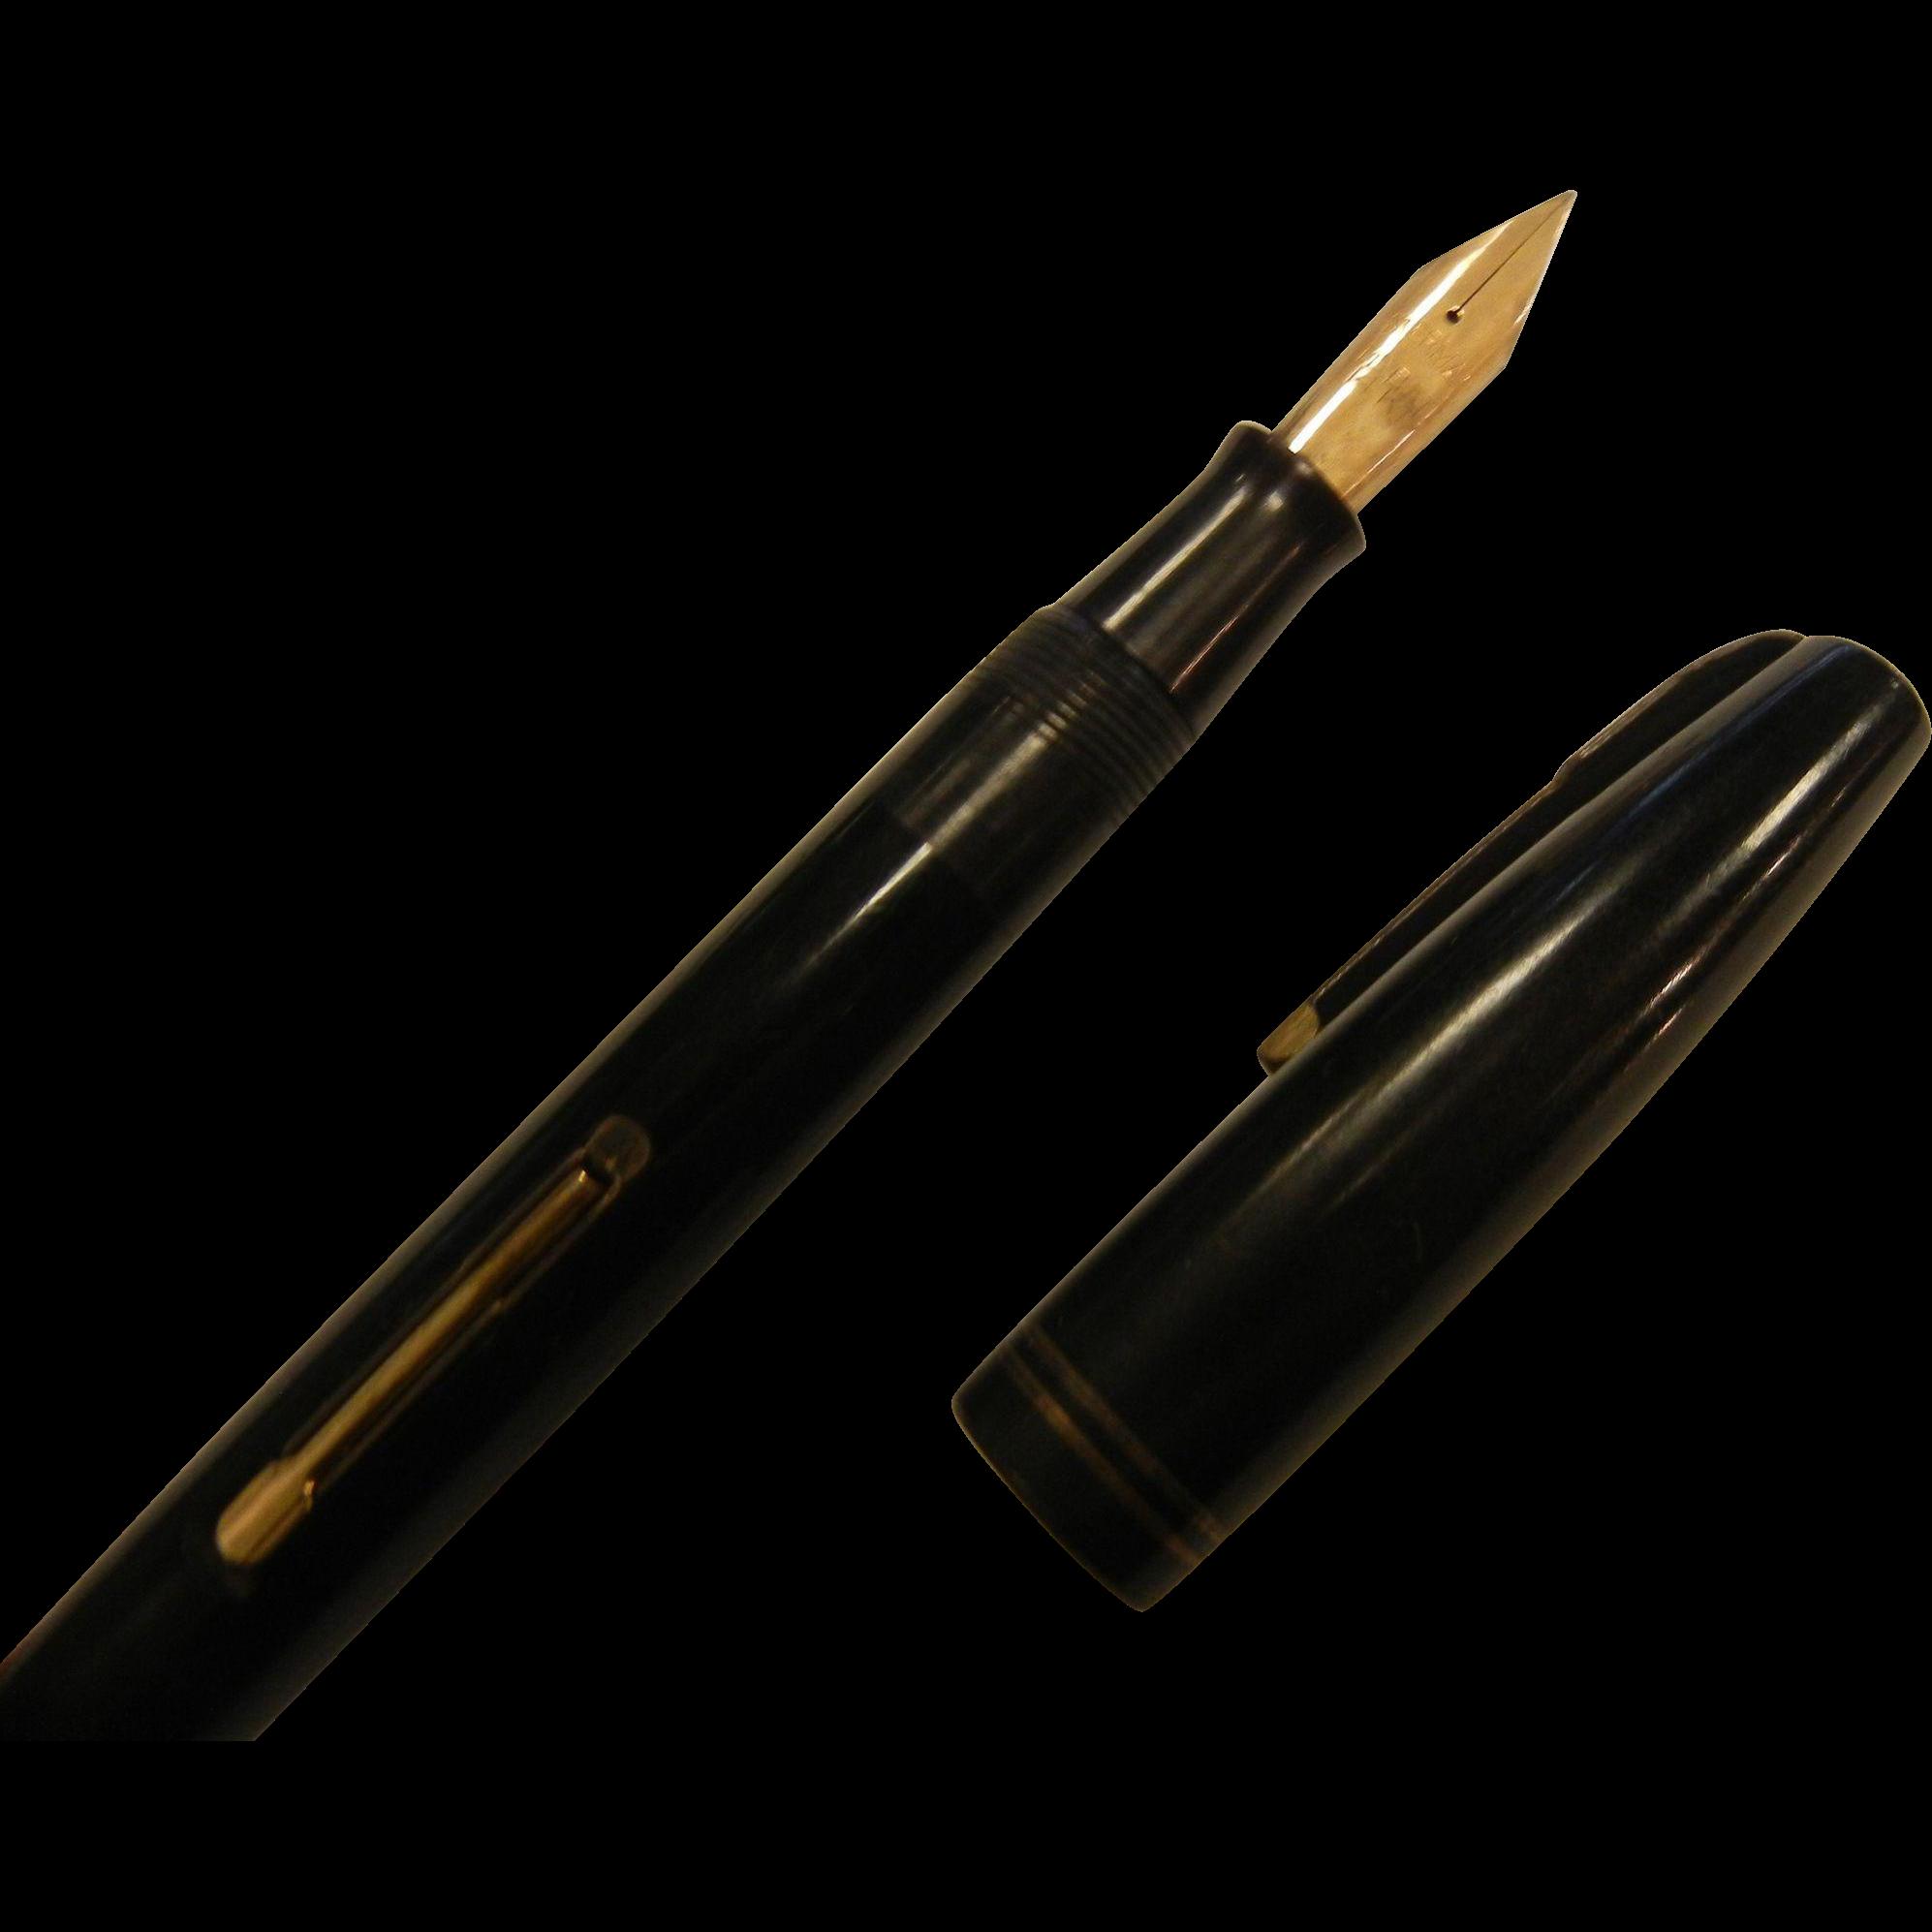 Waterman 39 s commando fountain pen w 14k ideal nib sold on for Waterman 16